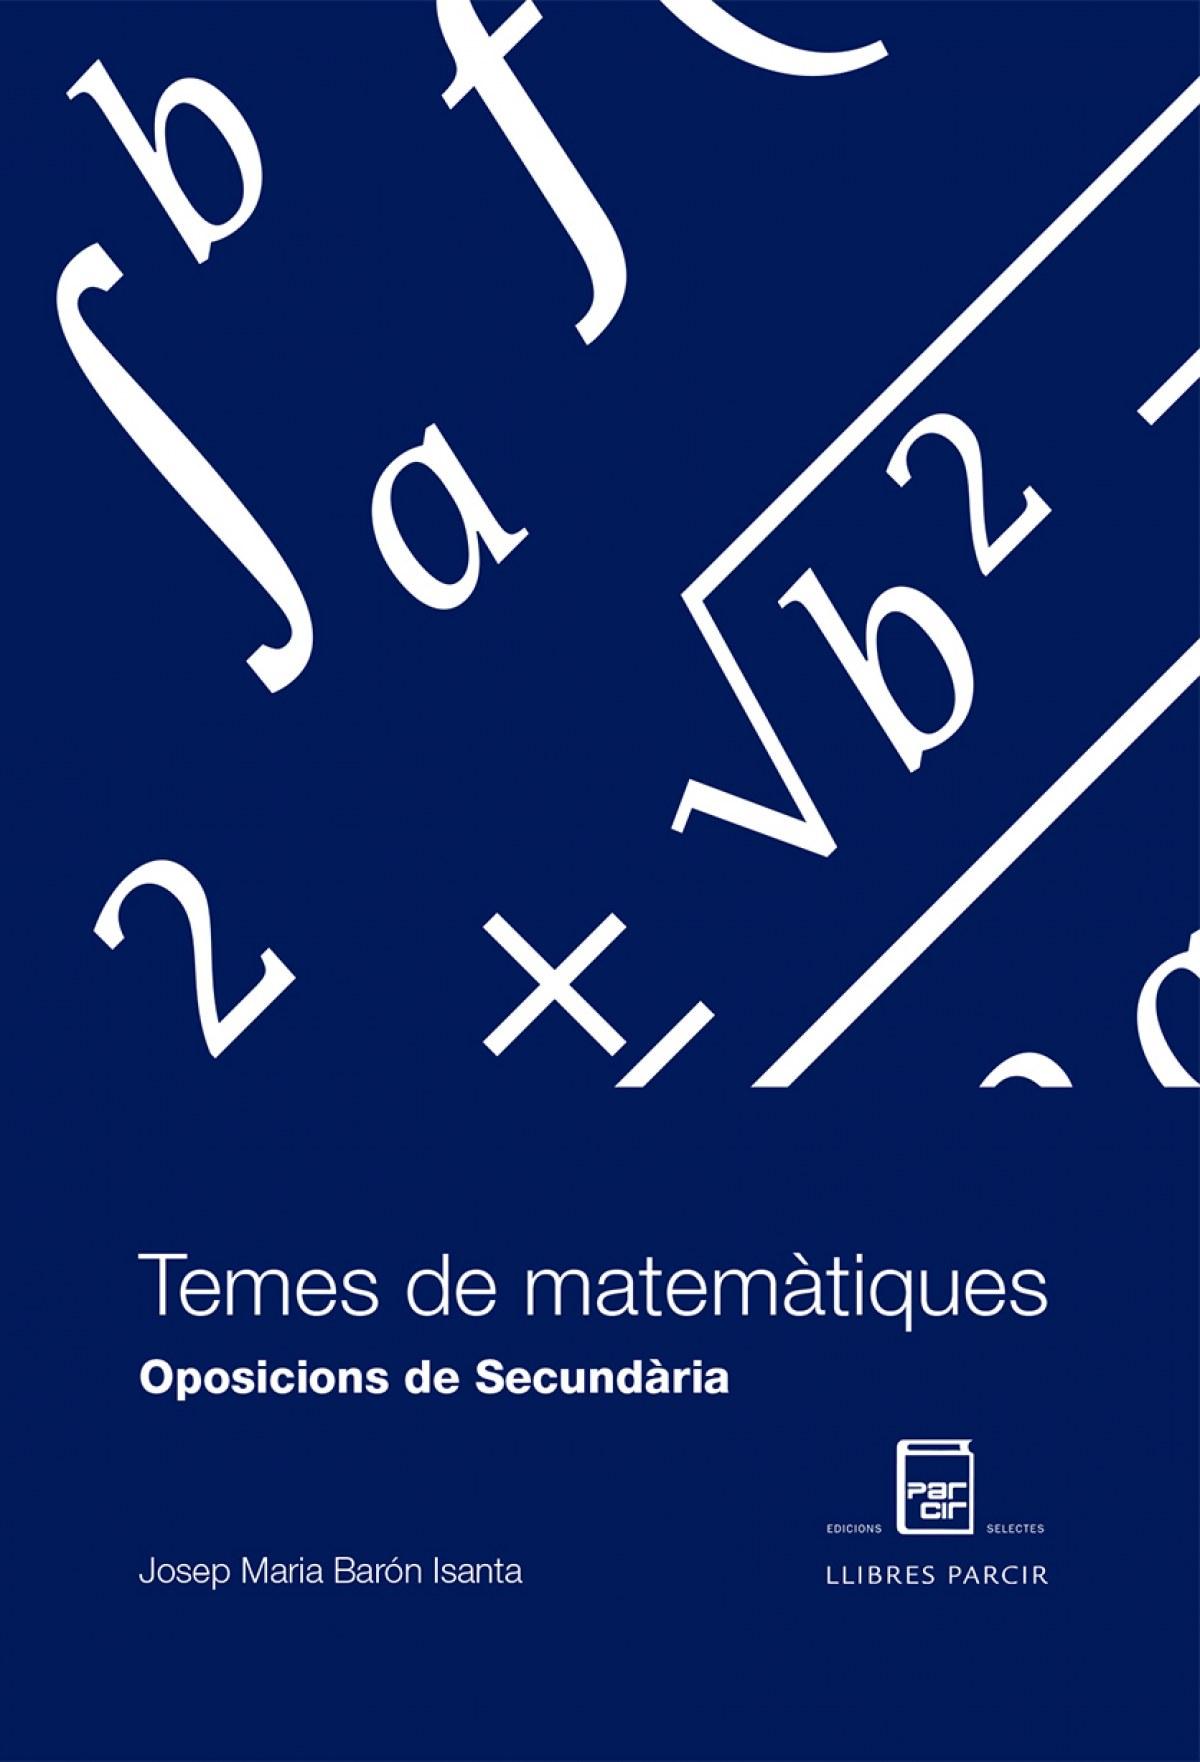 Temes de matemàtiques